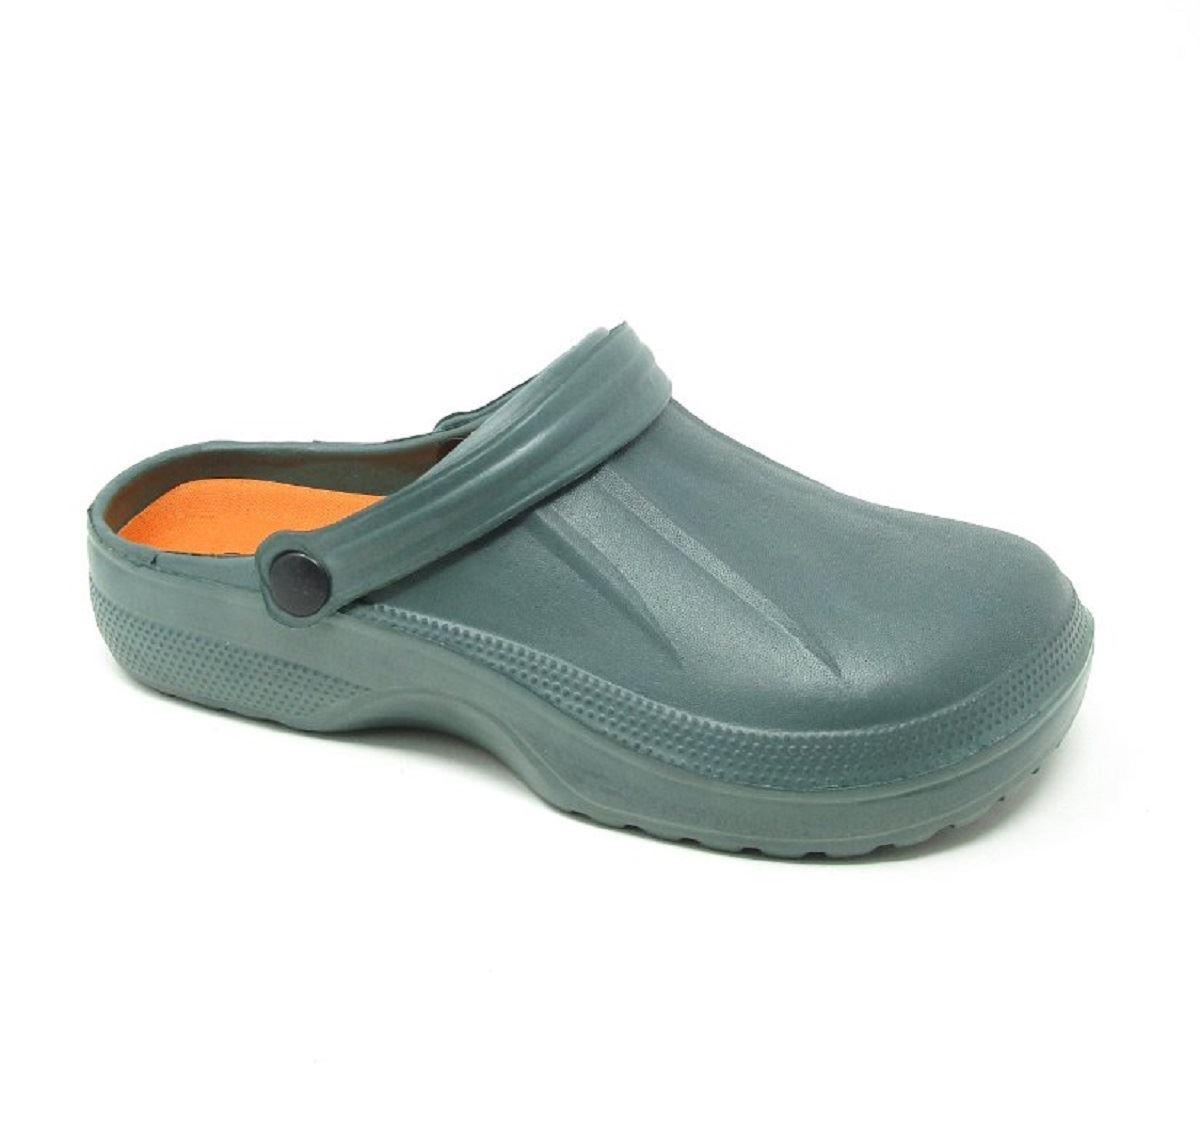 Womens Clogs Mules Slipper Nursing Garden Beach Sandals